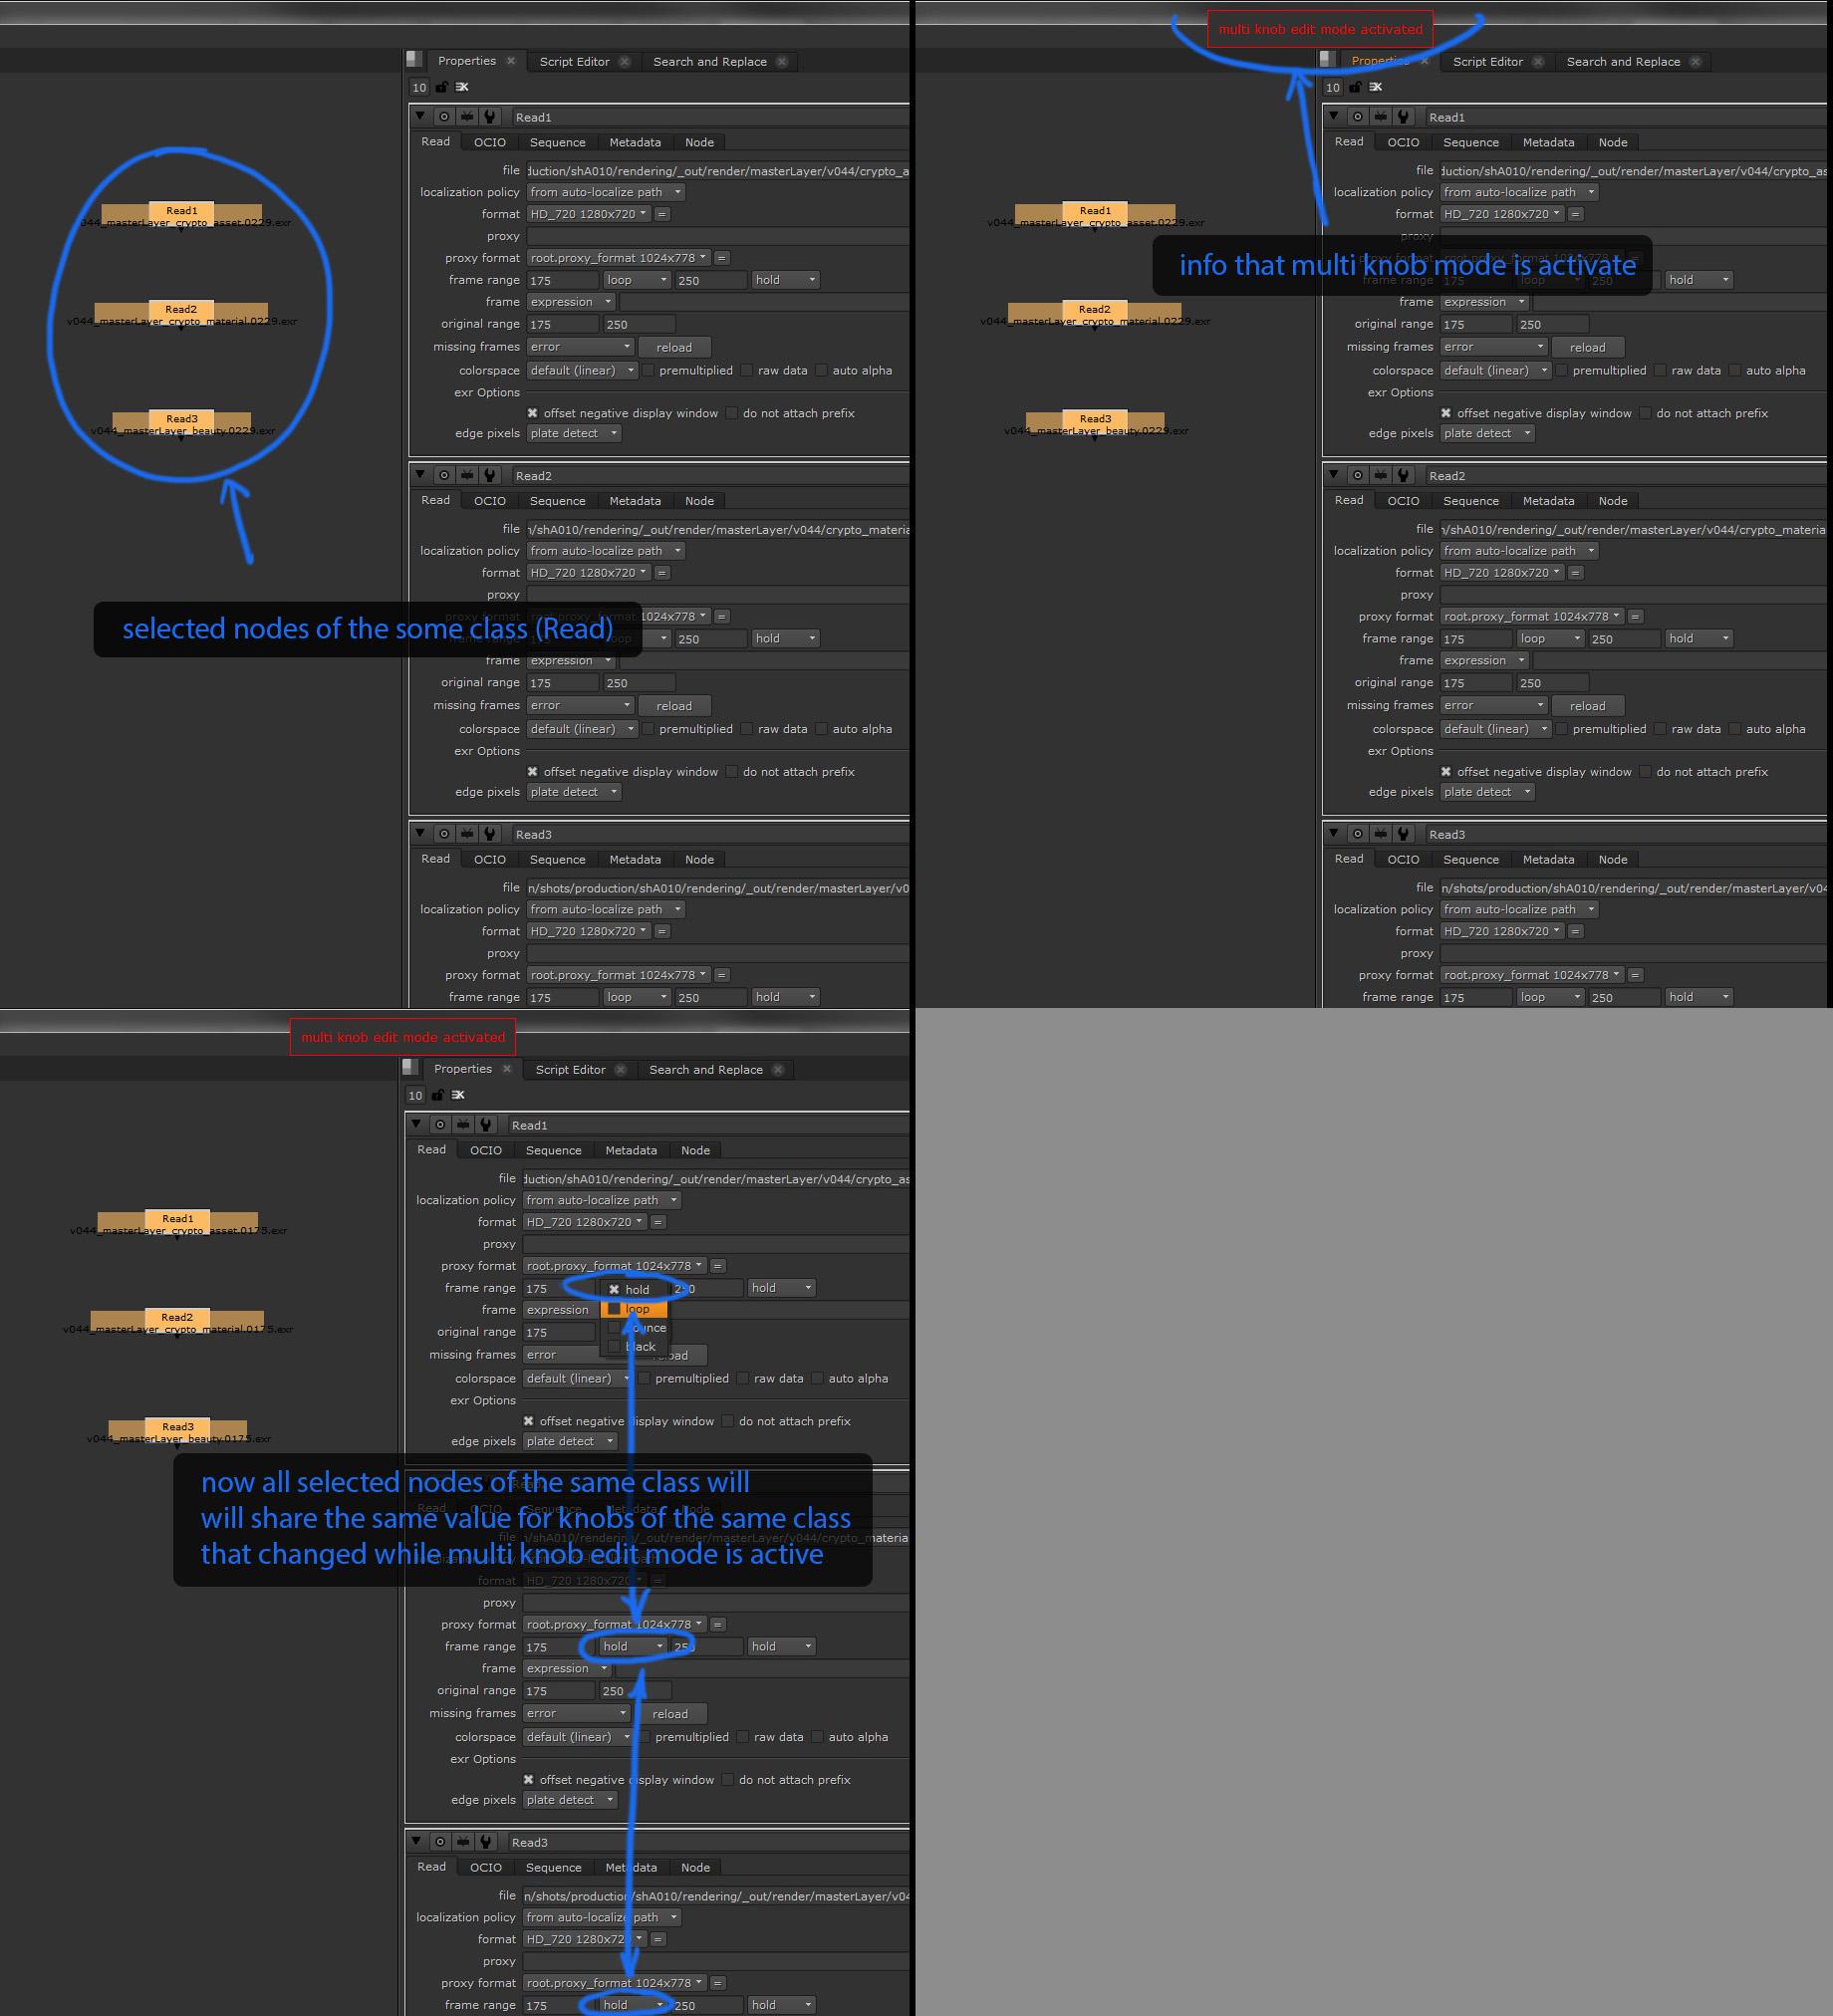 multiknob_edit_tool.jpg